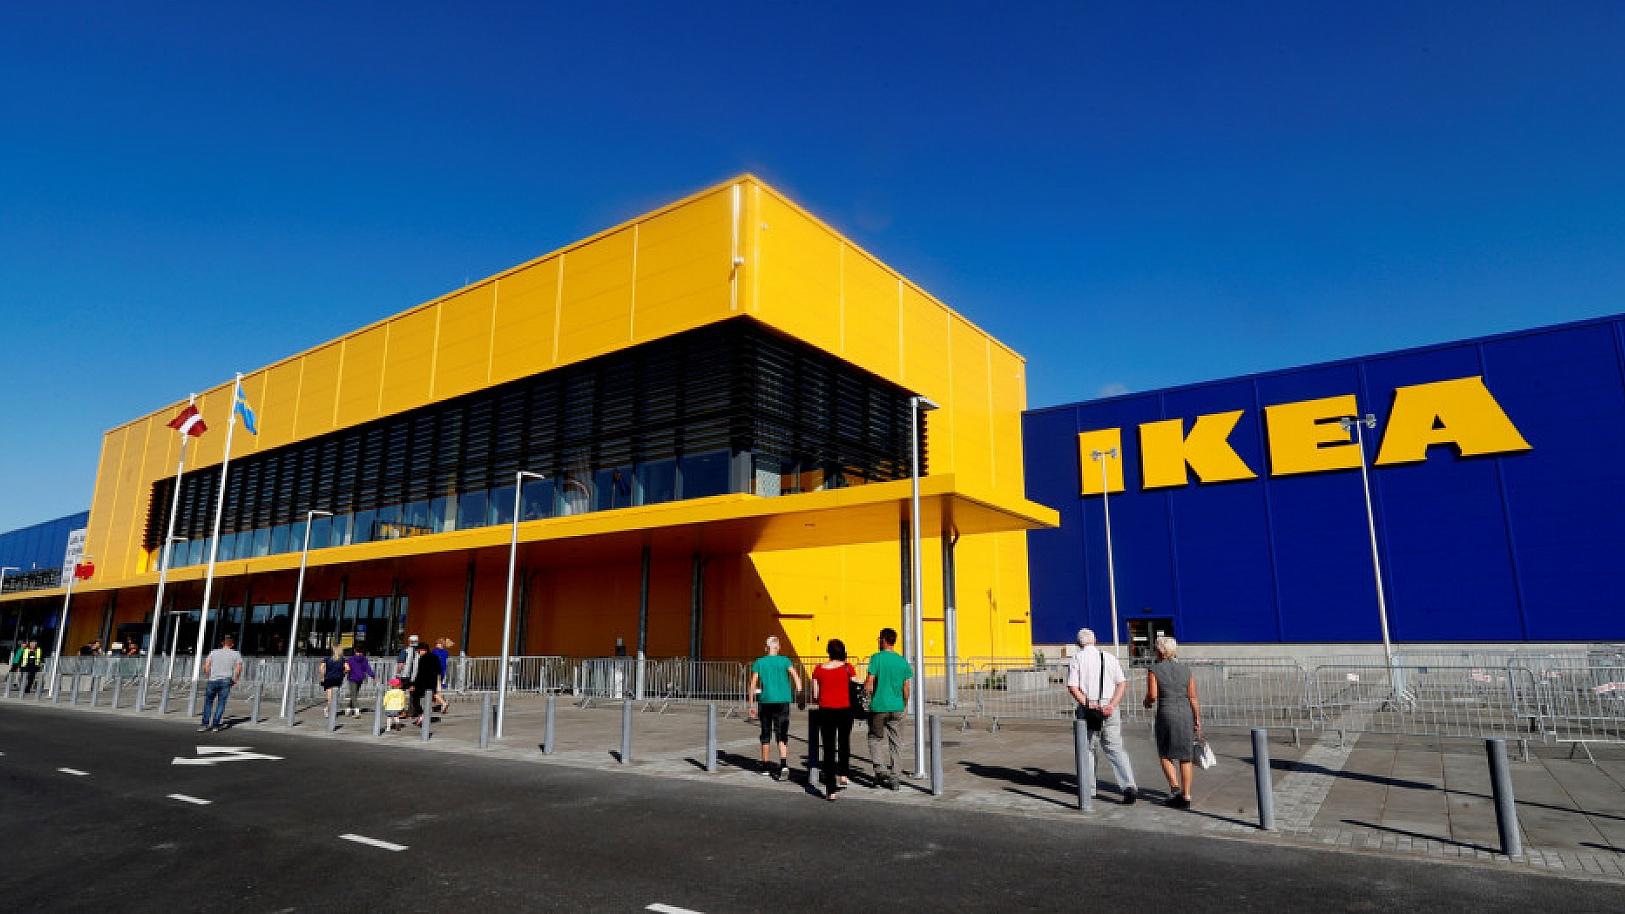 Ikea abrirá su primera tienda en México en otoño de 2020